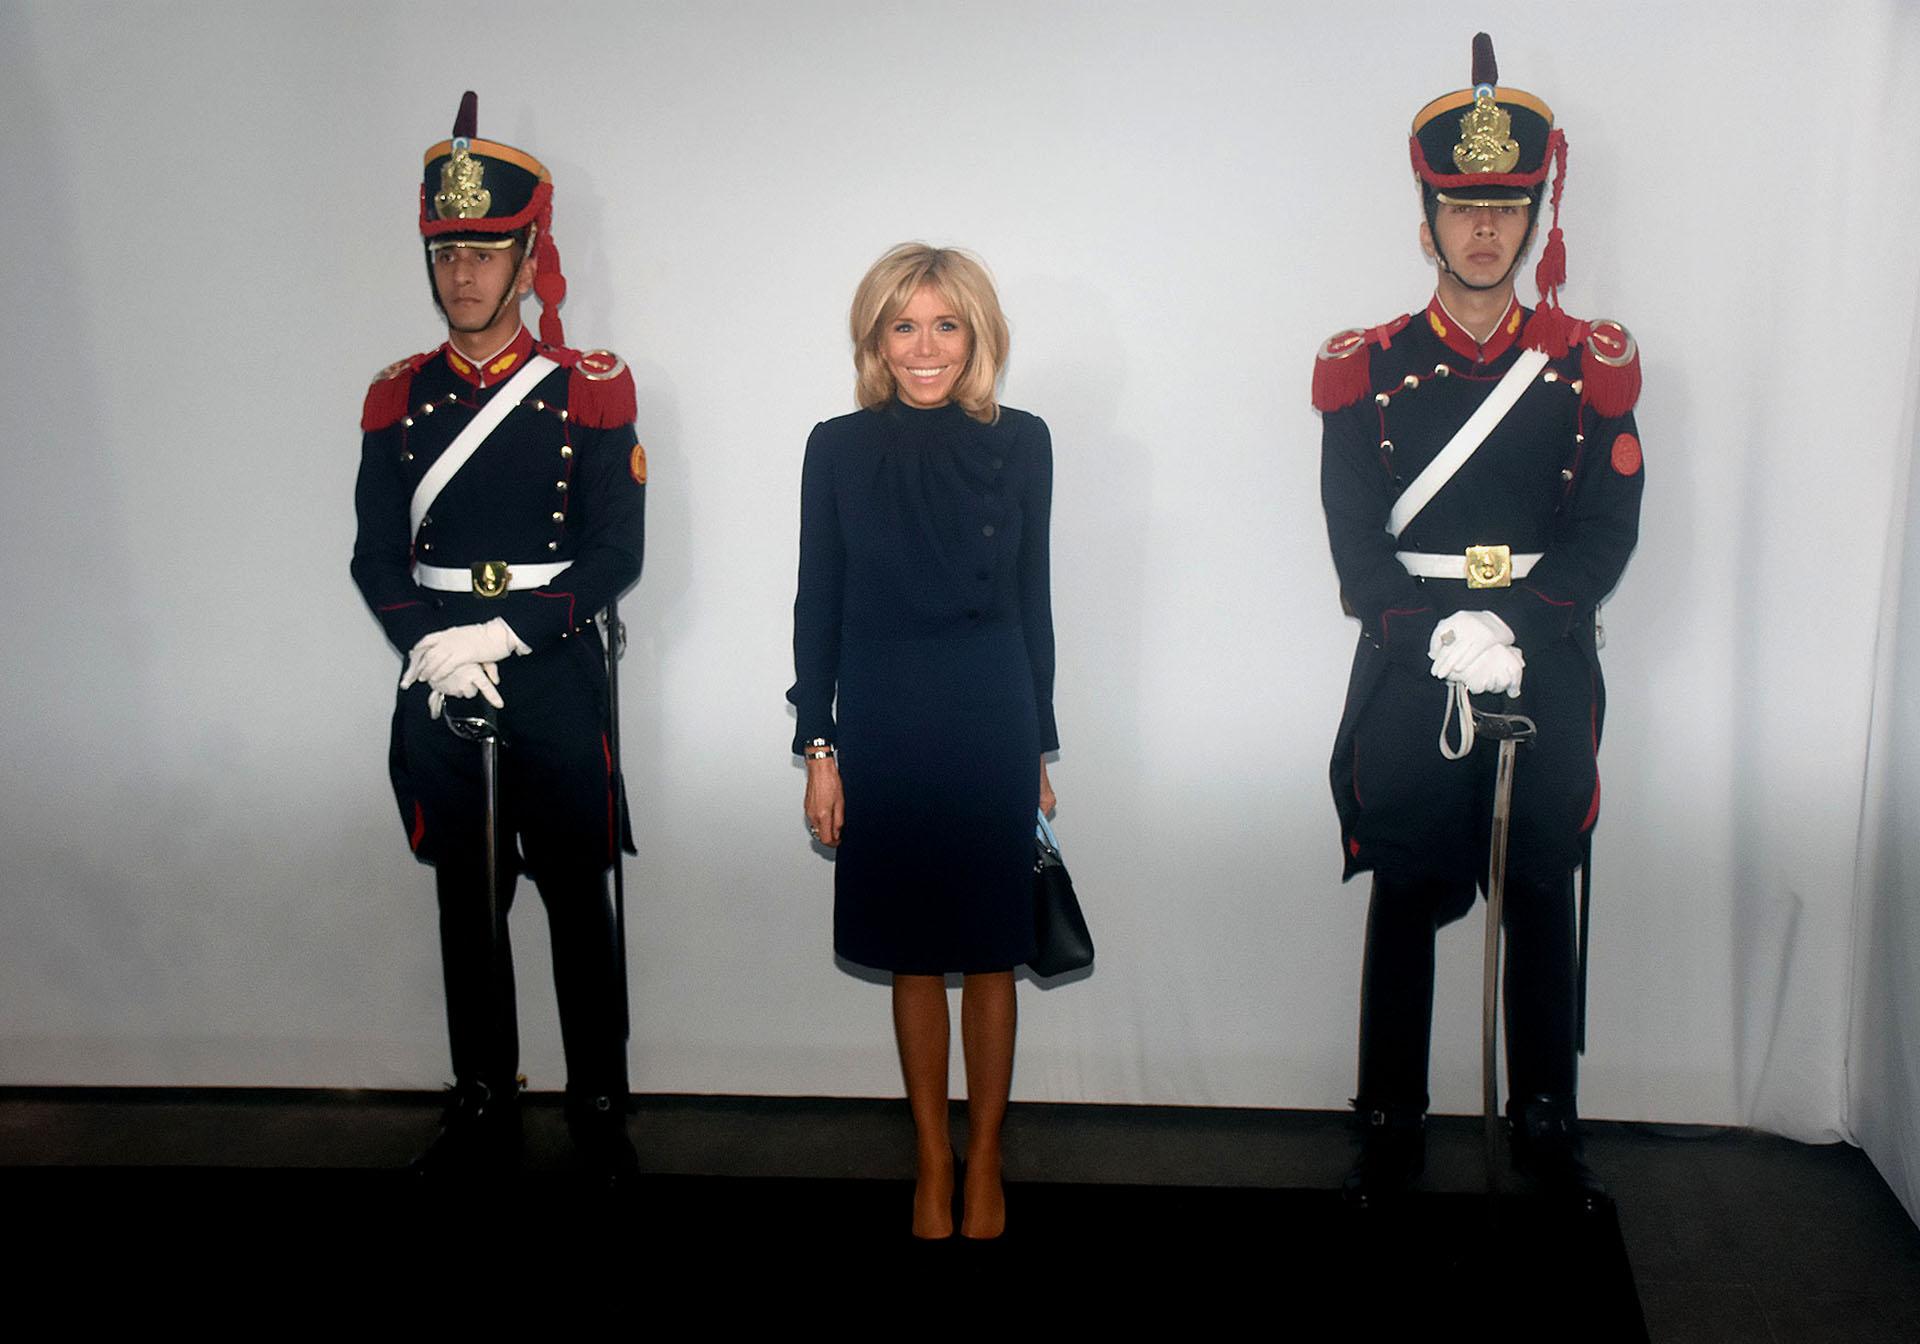 """Brigitte Macron, una de las últimas en llegar al Malba, volvió a elegir un conjunto de dos piezas azul noche -el """"nuevo negro"""" en la moda-. Una blusa con jabot y botones a tono y la falda pencil que tanto caracteriza a la primera dama francesa. Completó su look con una mini bag y zapatos a tono. El beauty look, al igual que siempre, su cabello bob y make up sobrio"""